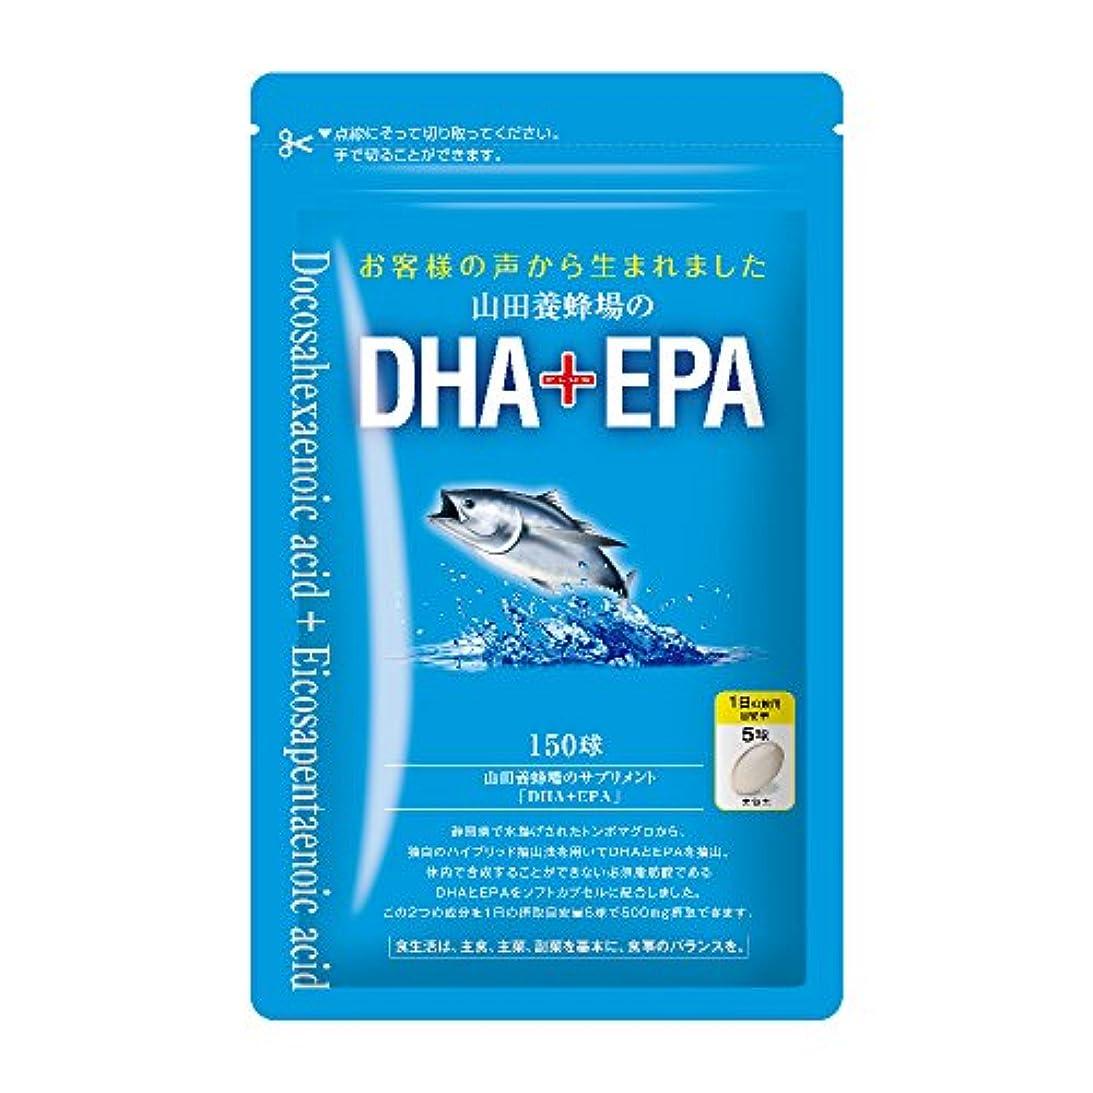 カール部屋を掃除する幻想DHA+EPA 1袋(150球) DHA+EPA <150 tablets> In a bag